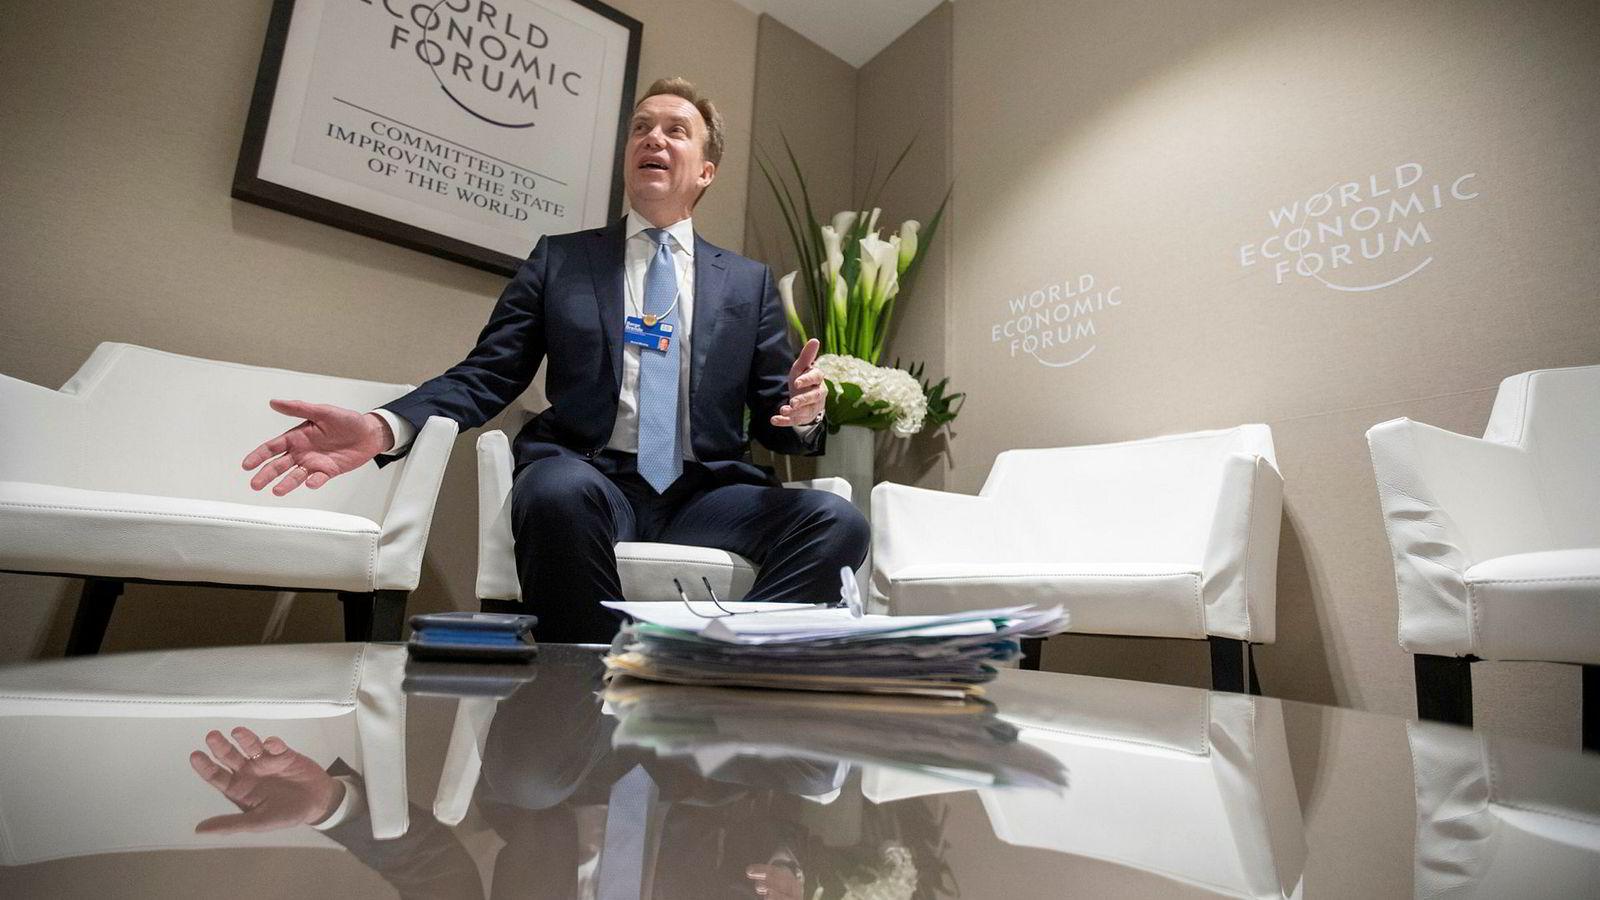 Tidligere utenriksminister Børge Brende (53) leder World Economic Forum, organisasjonen bak Davos-møtet, og frekventerer bakrommene på konferansesenteret.